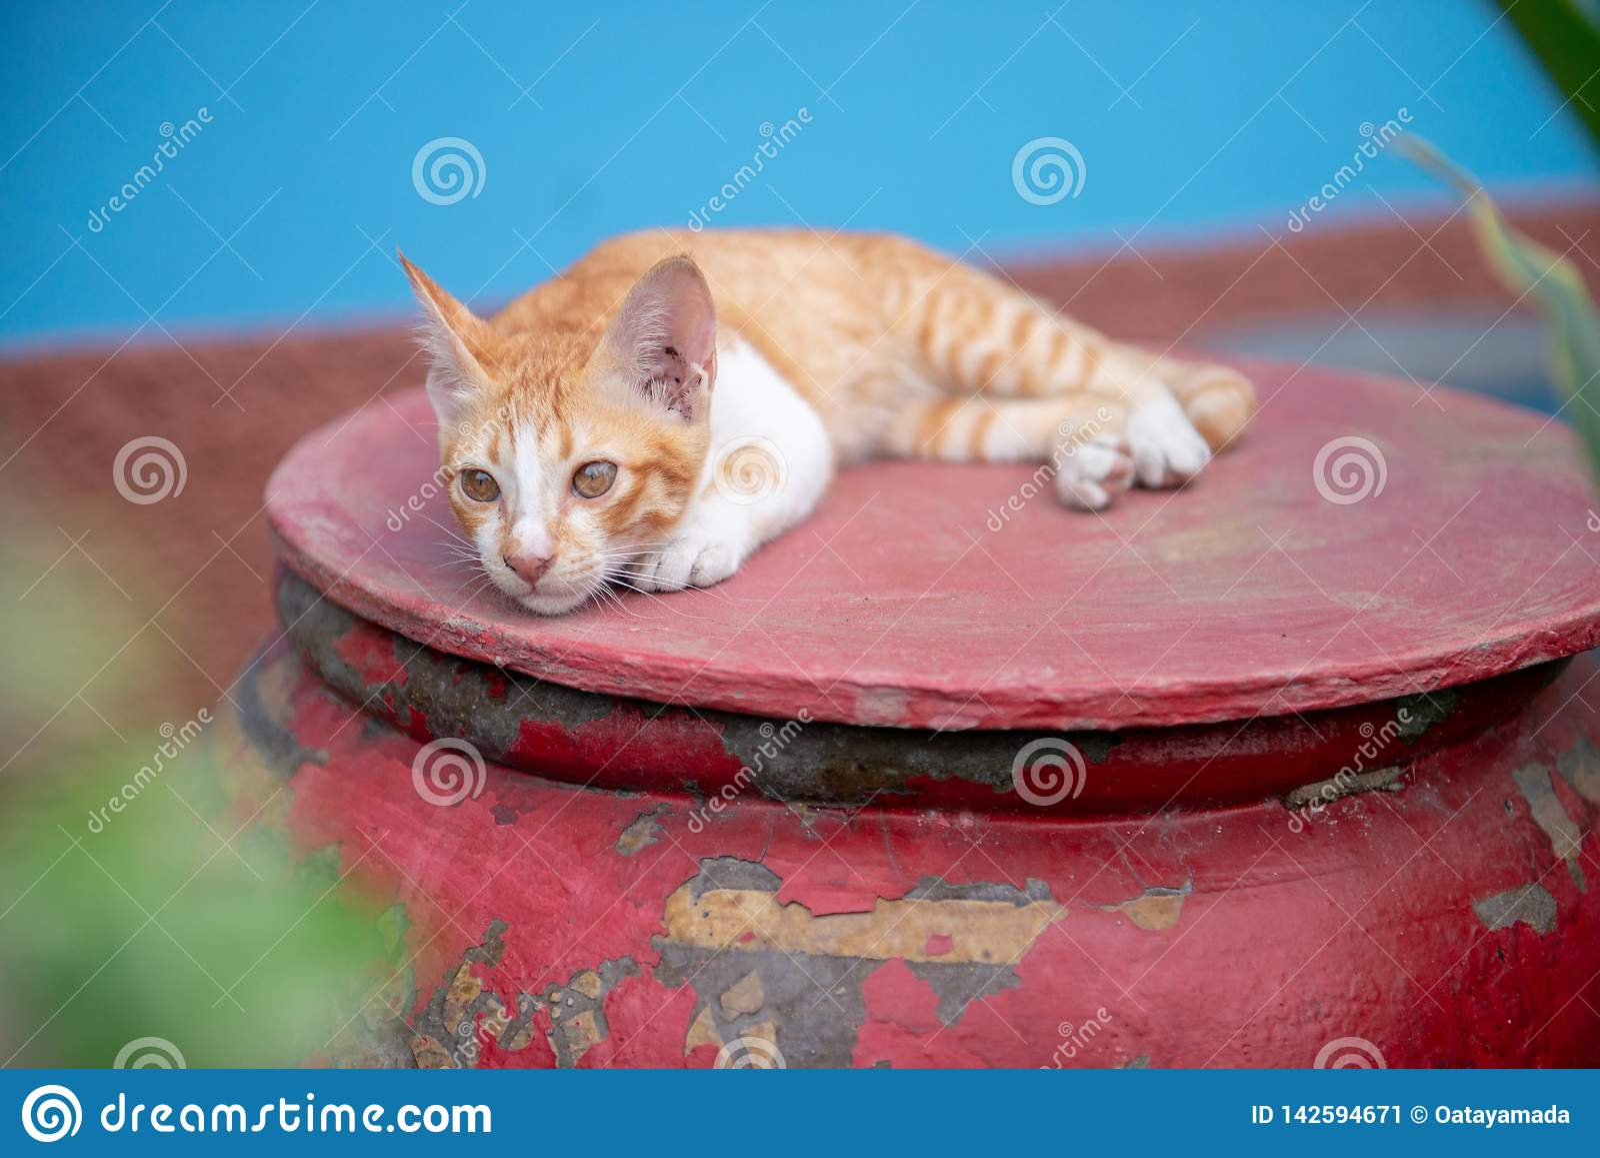 Gatos no frasco